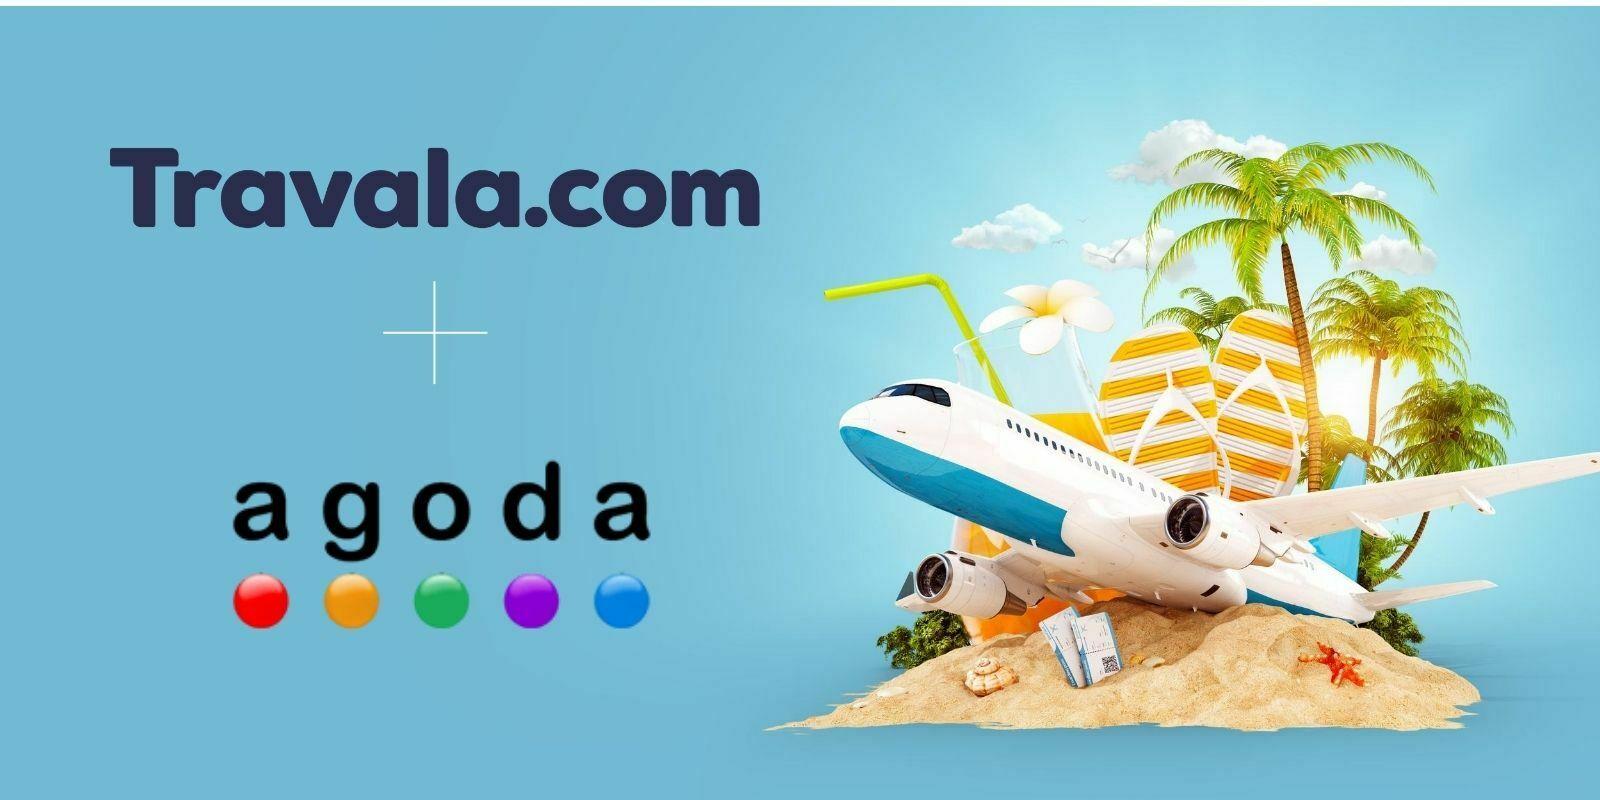 Travala.com (AVA) noue un partenariat avec le géant du voyage Agoda